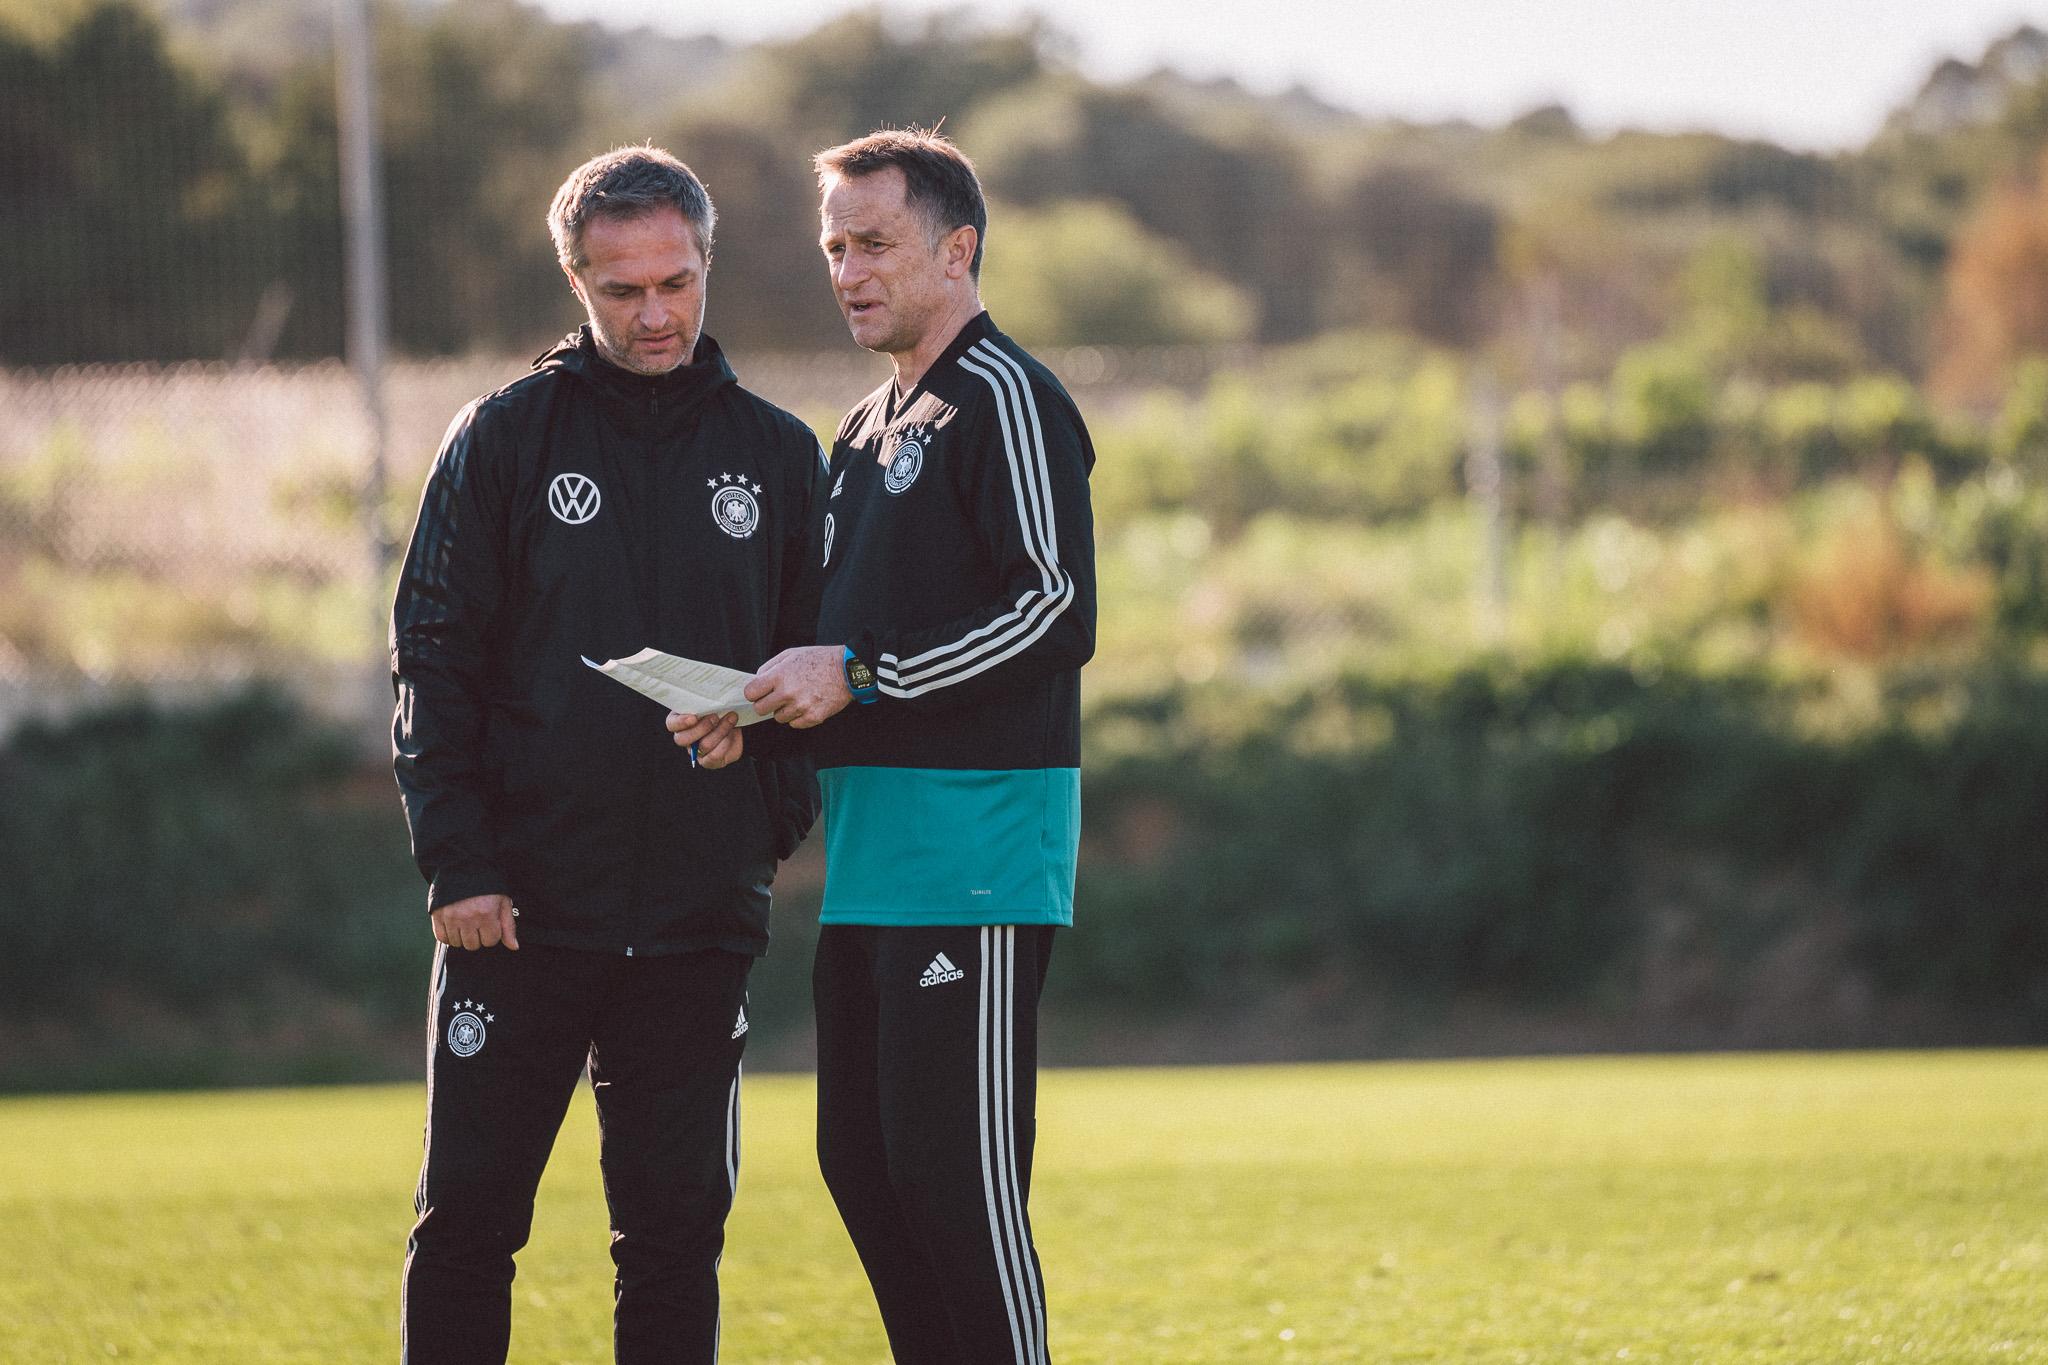 Zwei Trainer besprechen sich vor dem Training auf dem Platz. Einer hält einen Notizzettel in den Händen.